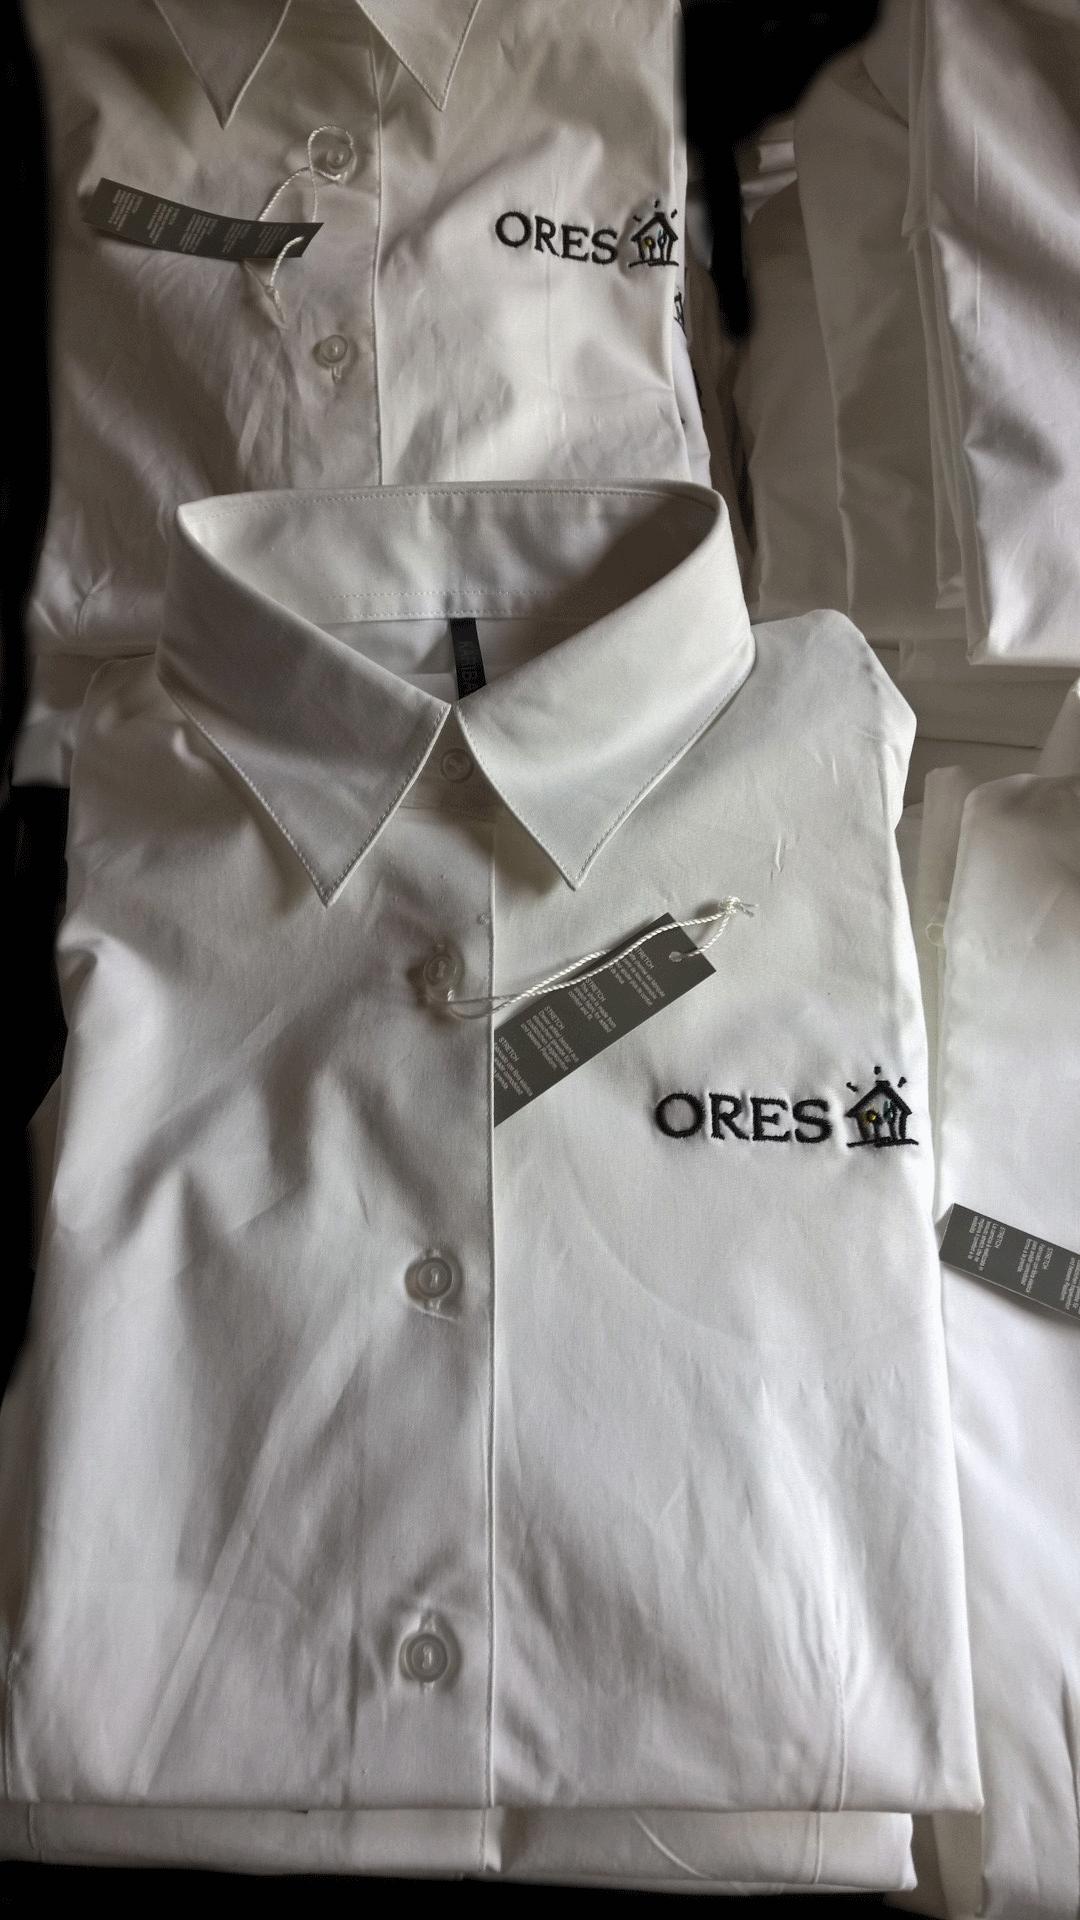 chemise_ores2